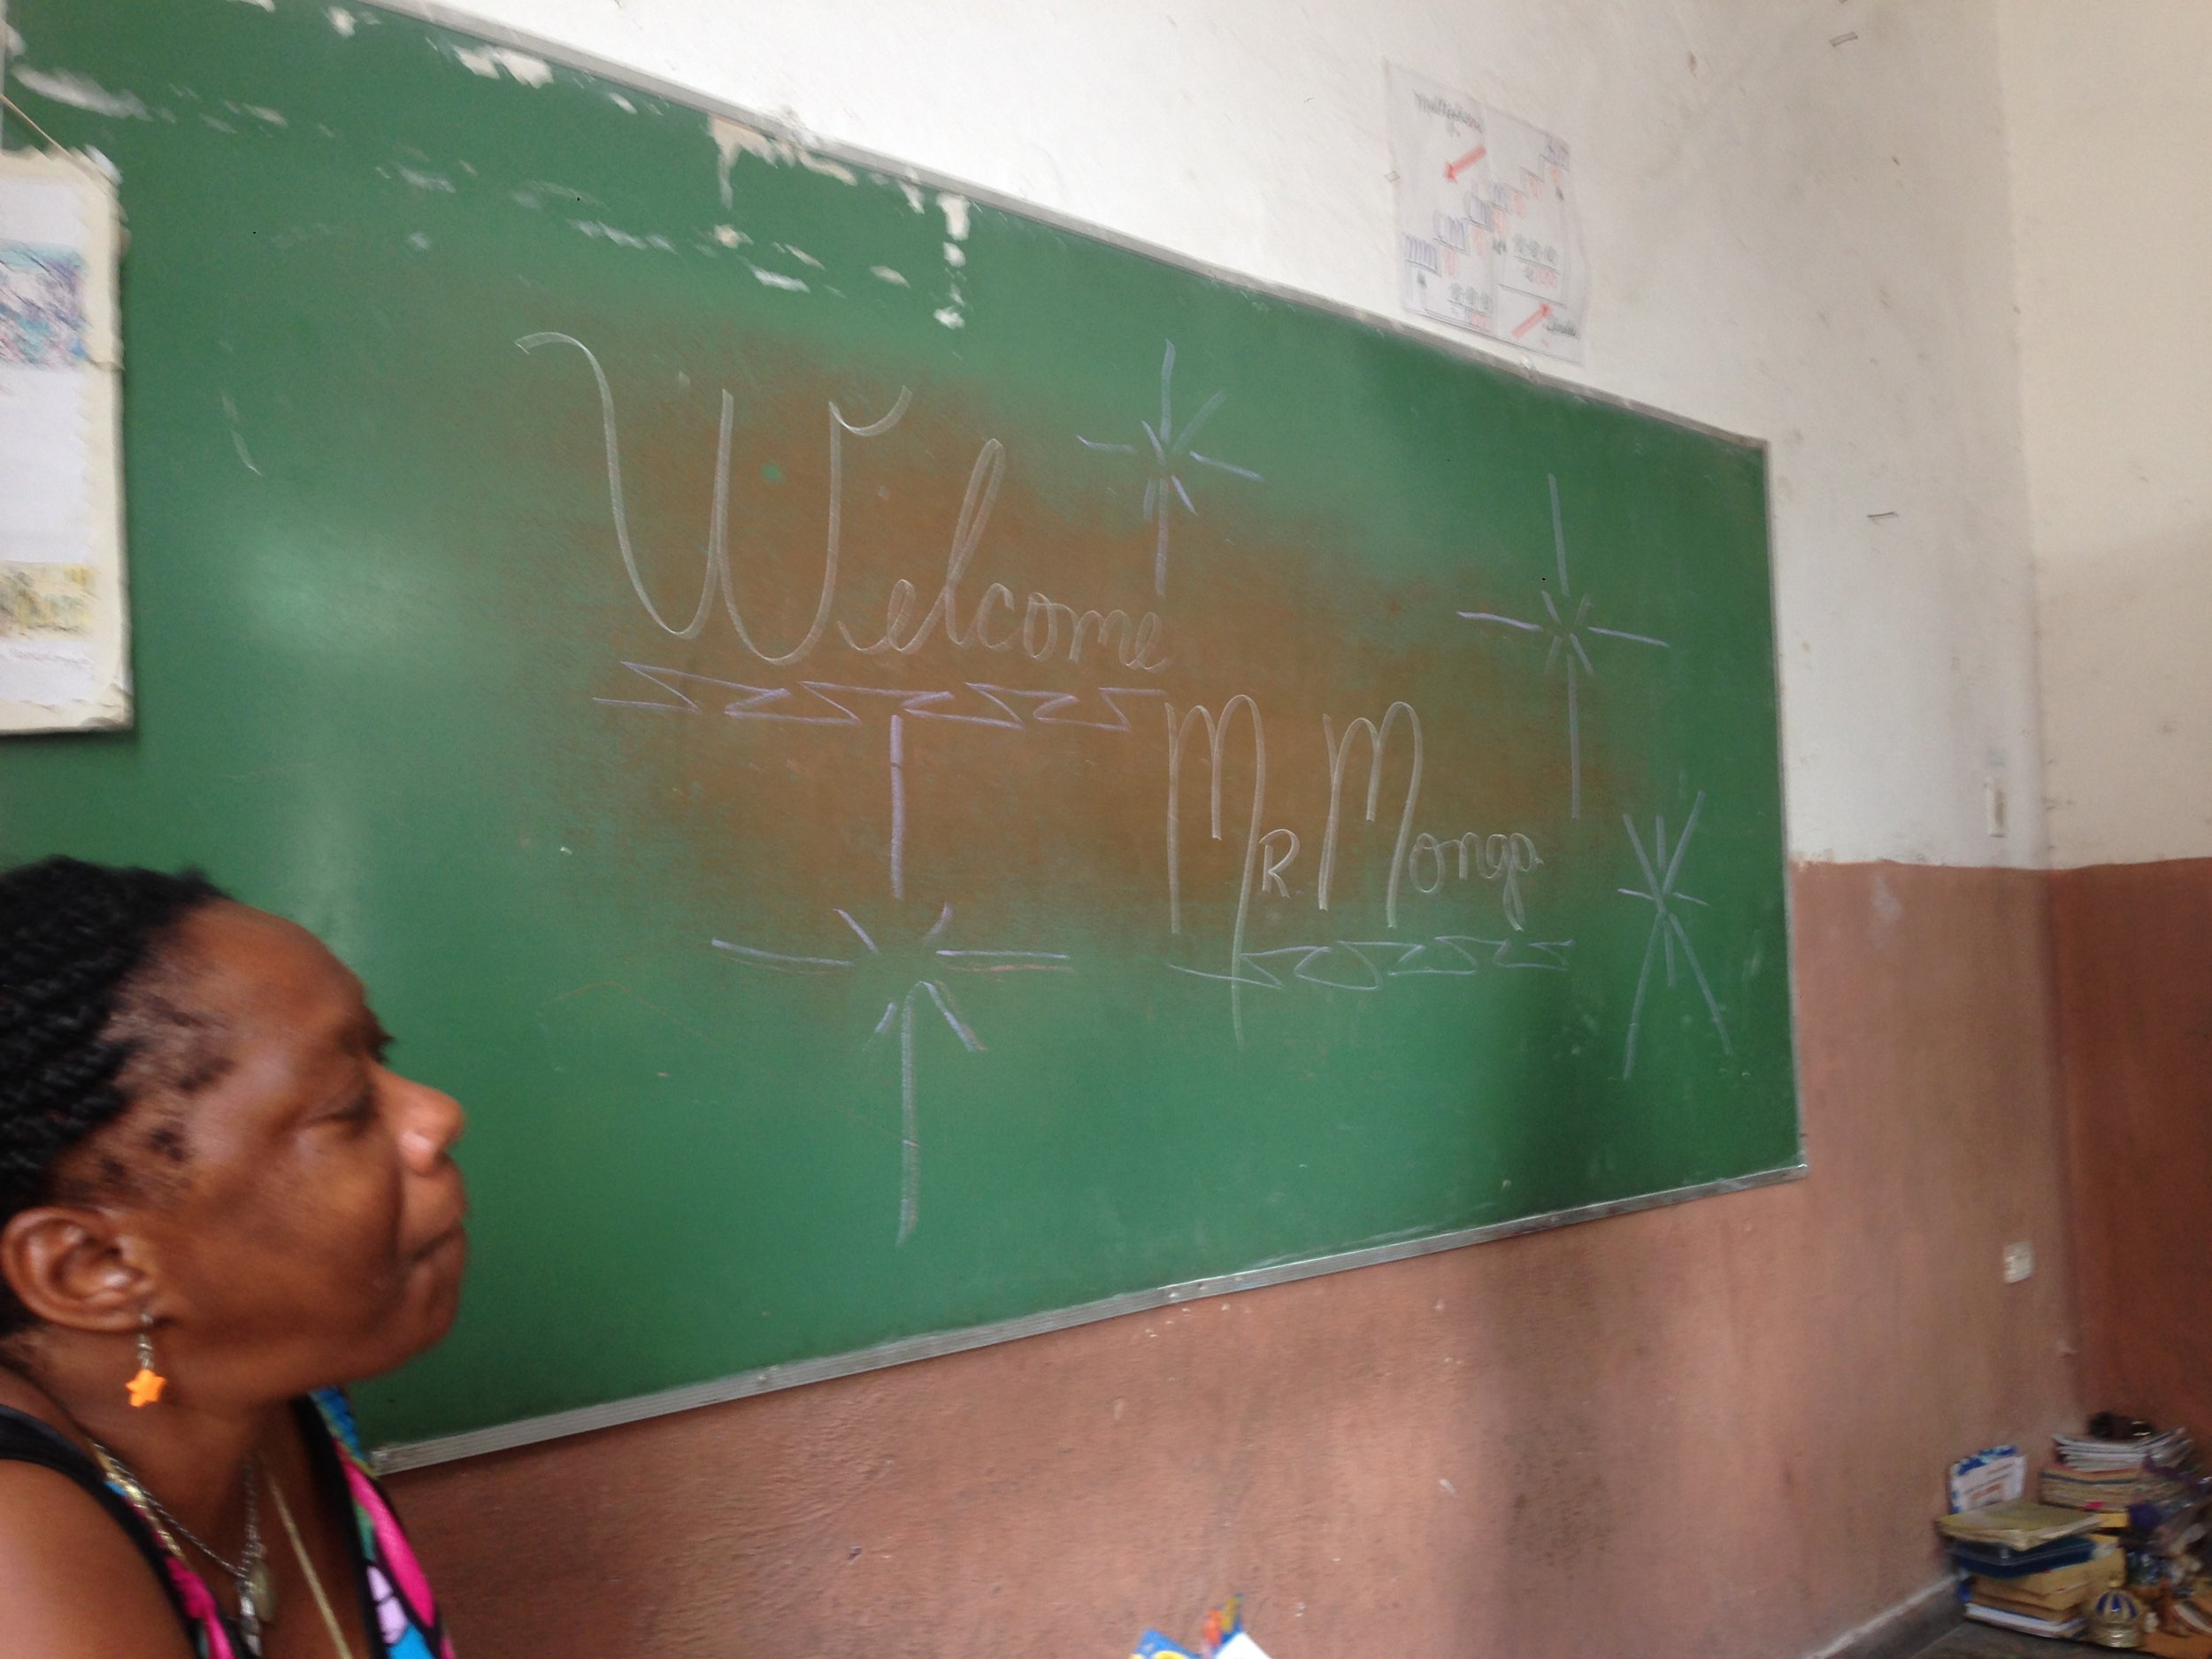 Cuban welcome in La Habana classroom